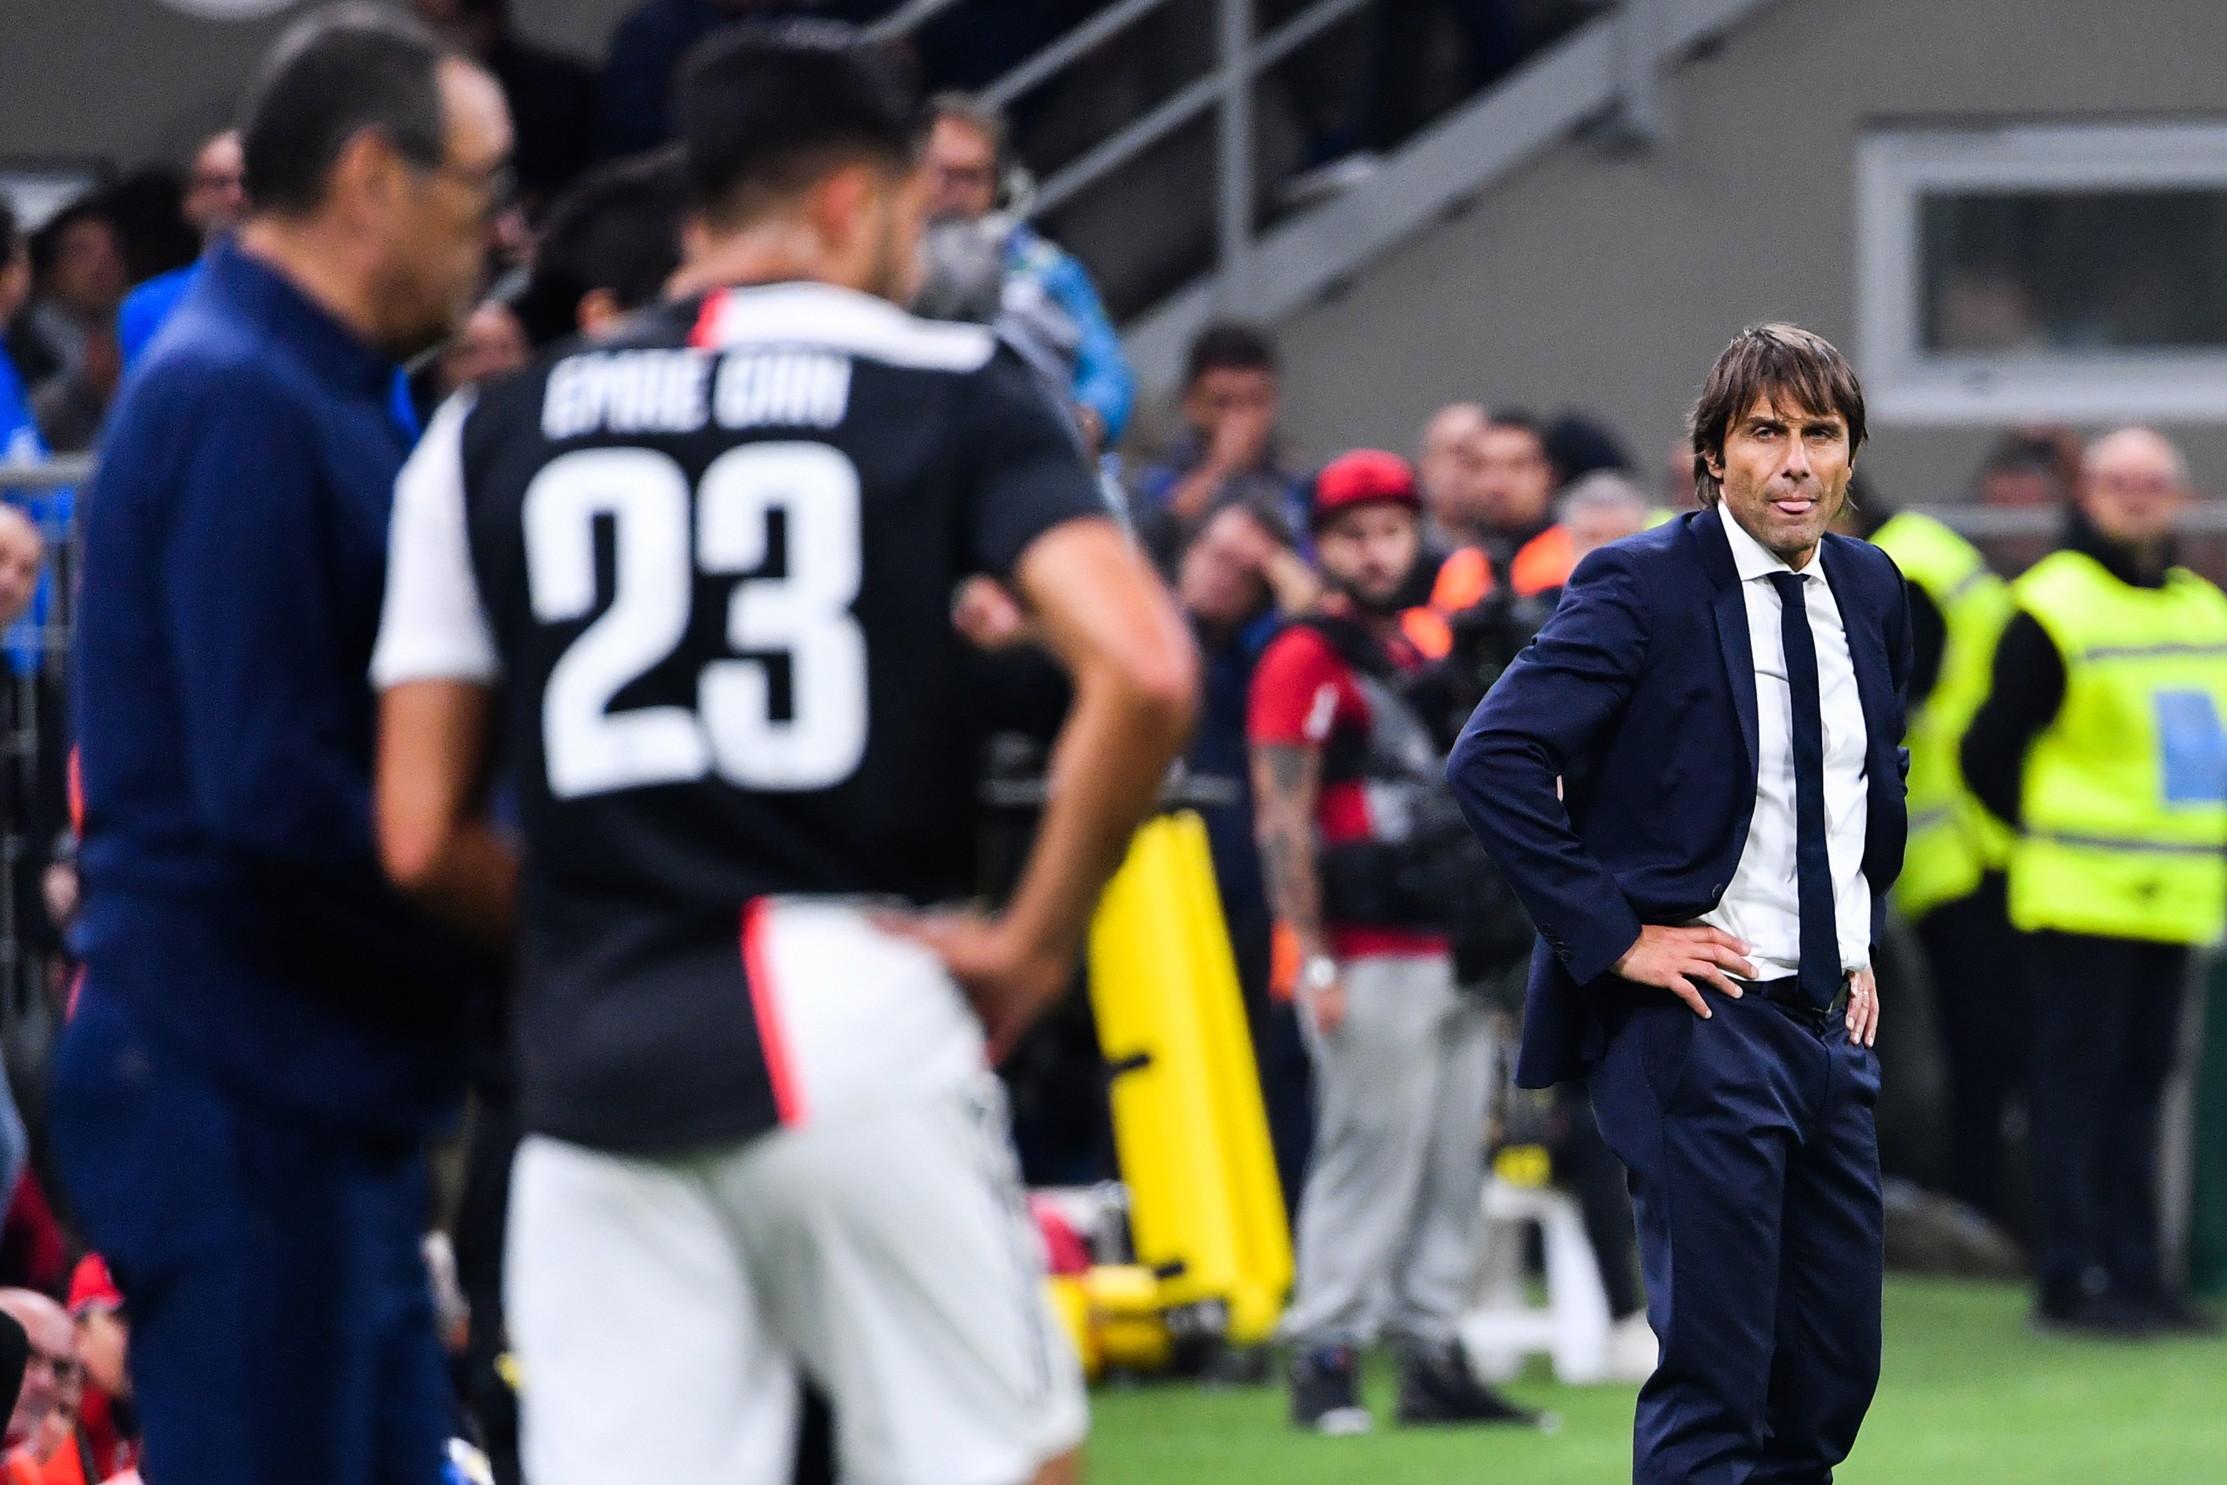 Inter vs Juventus 2019: la prima volta di Conte nerazzurro contro la sua ex squadra, Higuain decide la sfida di San Siro all'80'